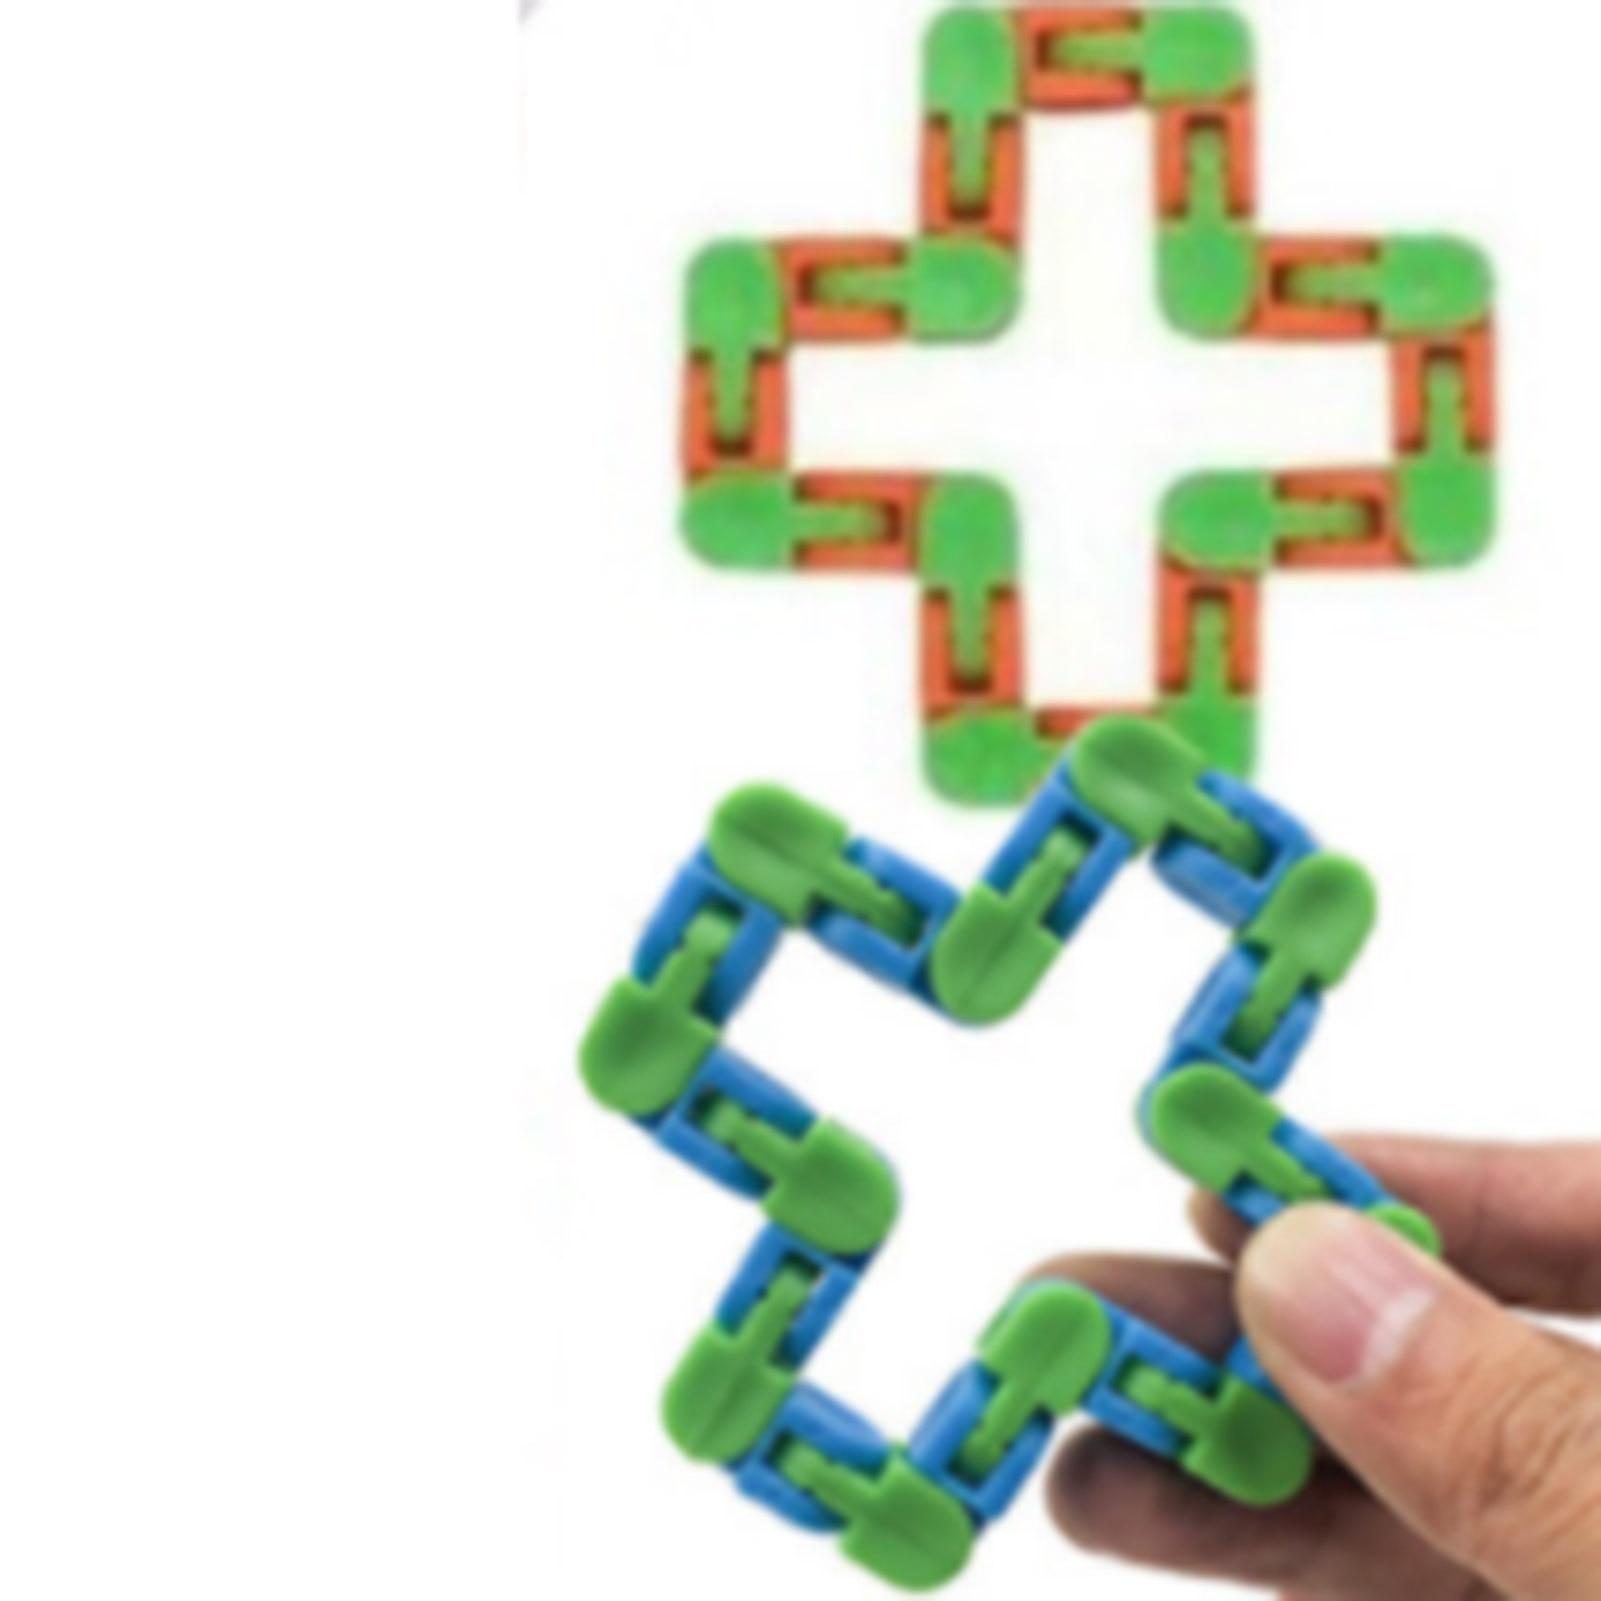 25PCS Fidget Sensory Toy Set Stress-relieving Toys Decompressive Sensory Toy Set With Simple Dimple Fidget Toy enlarge